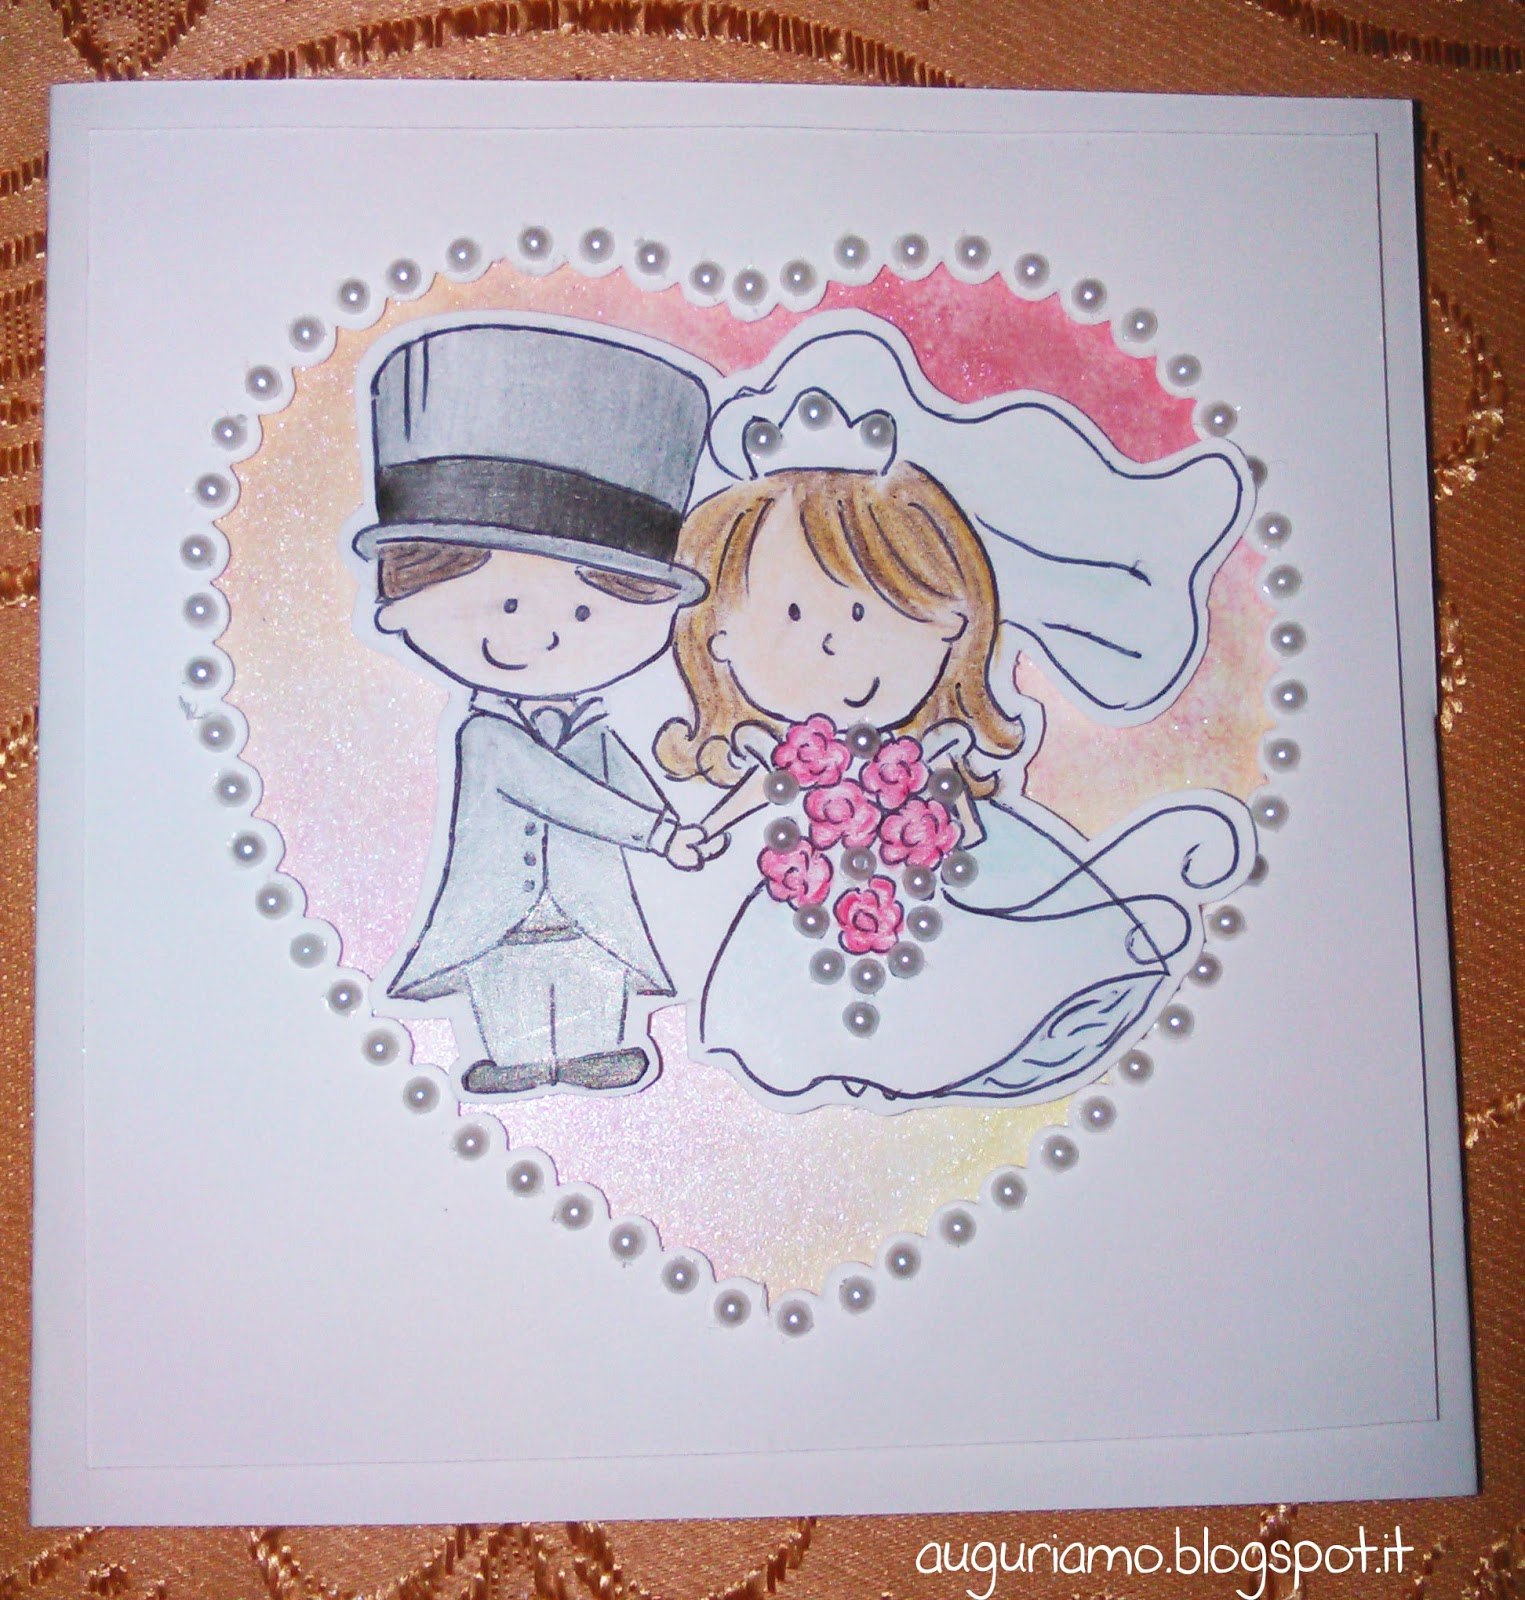 Auguri Matrimonio Vi Auguriamo : Favoloso biglietti auguri matrimonio fatti a mano mu